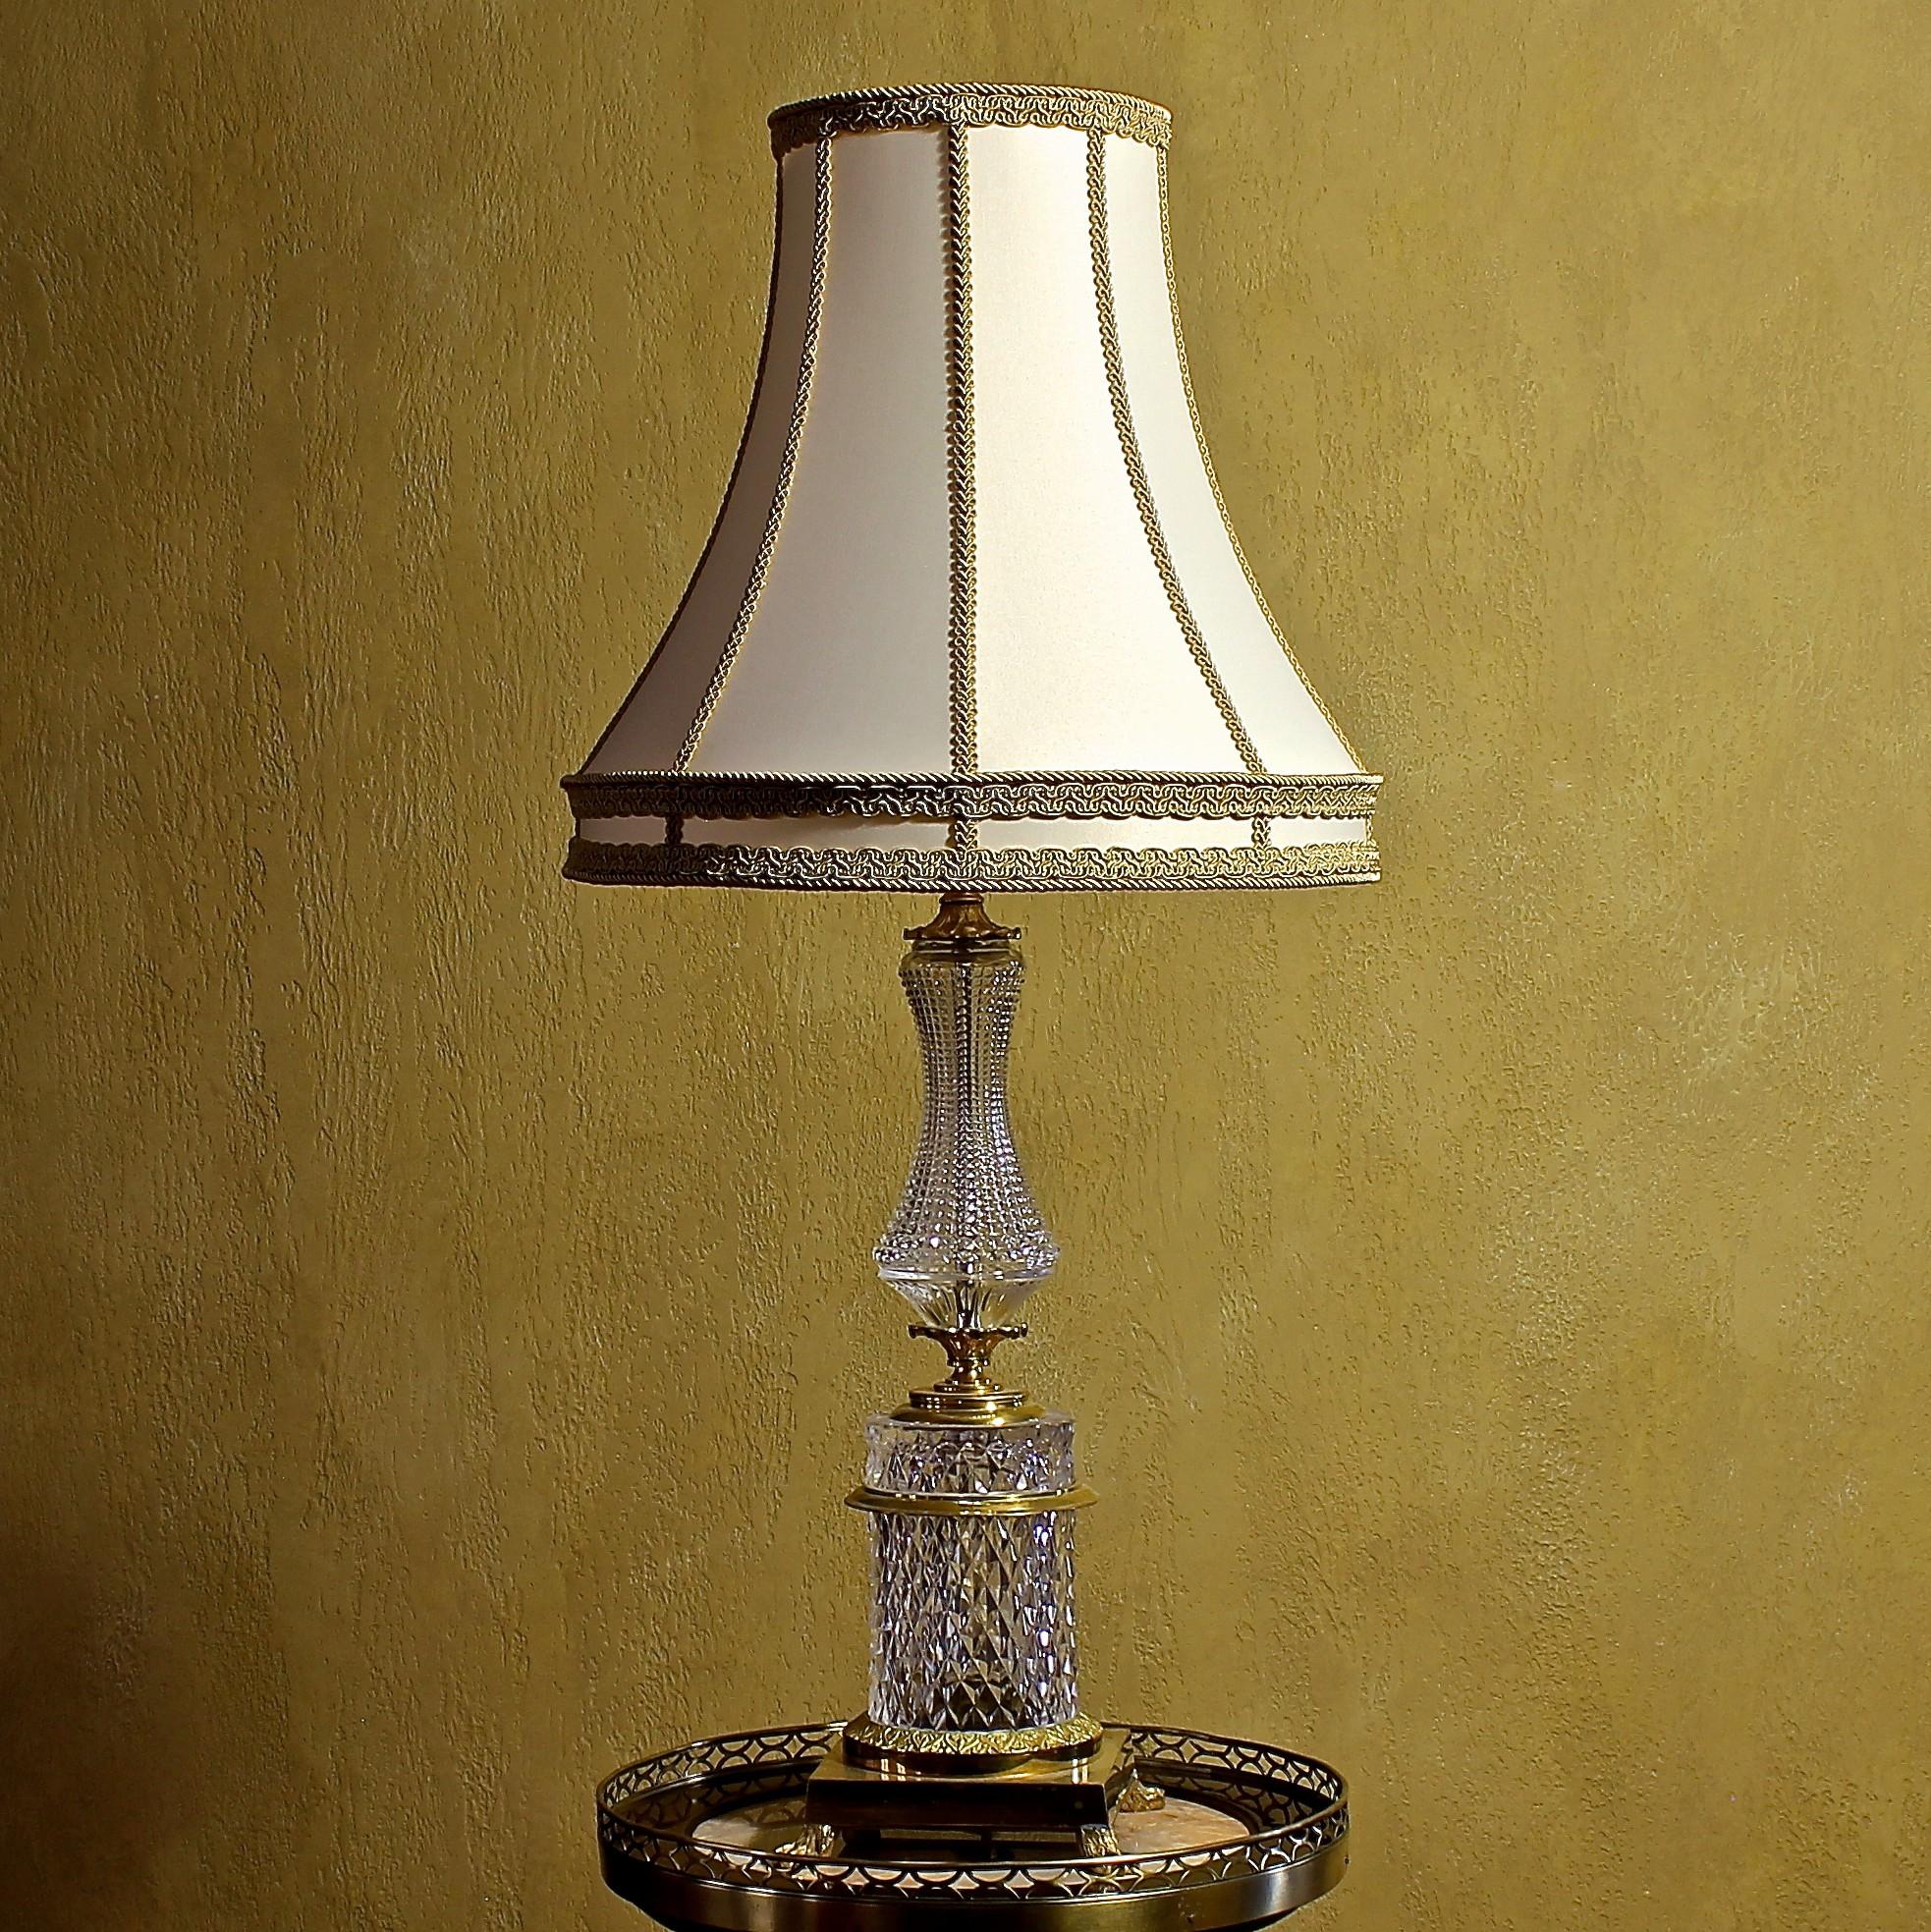 Настольные лампы - магазин настольных ламп на любой вкус